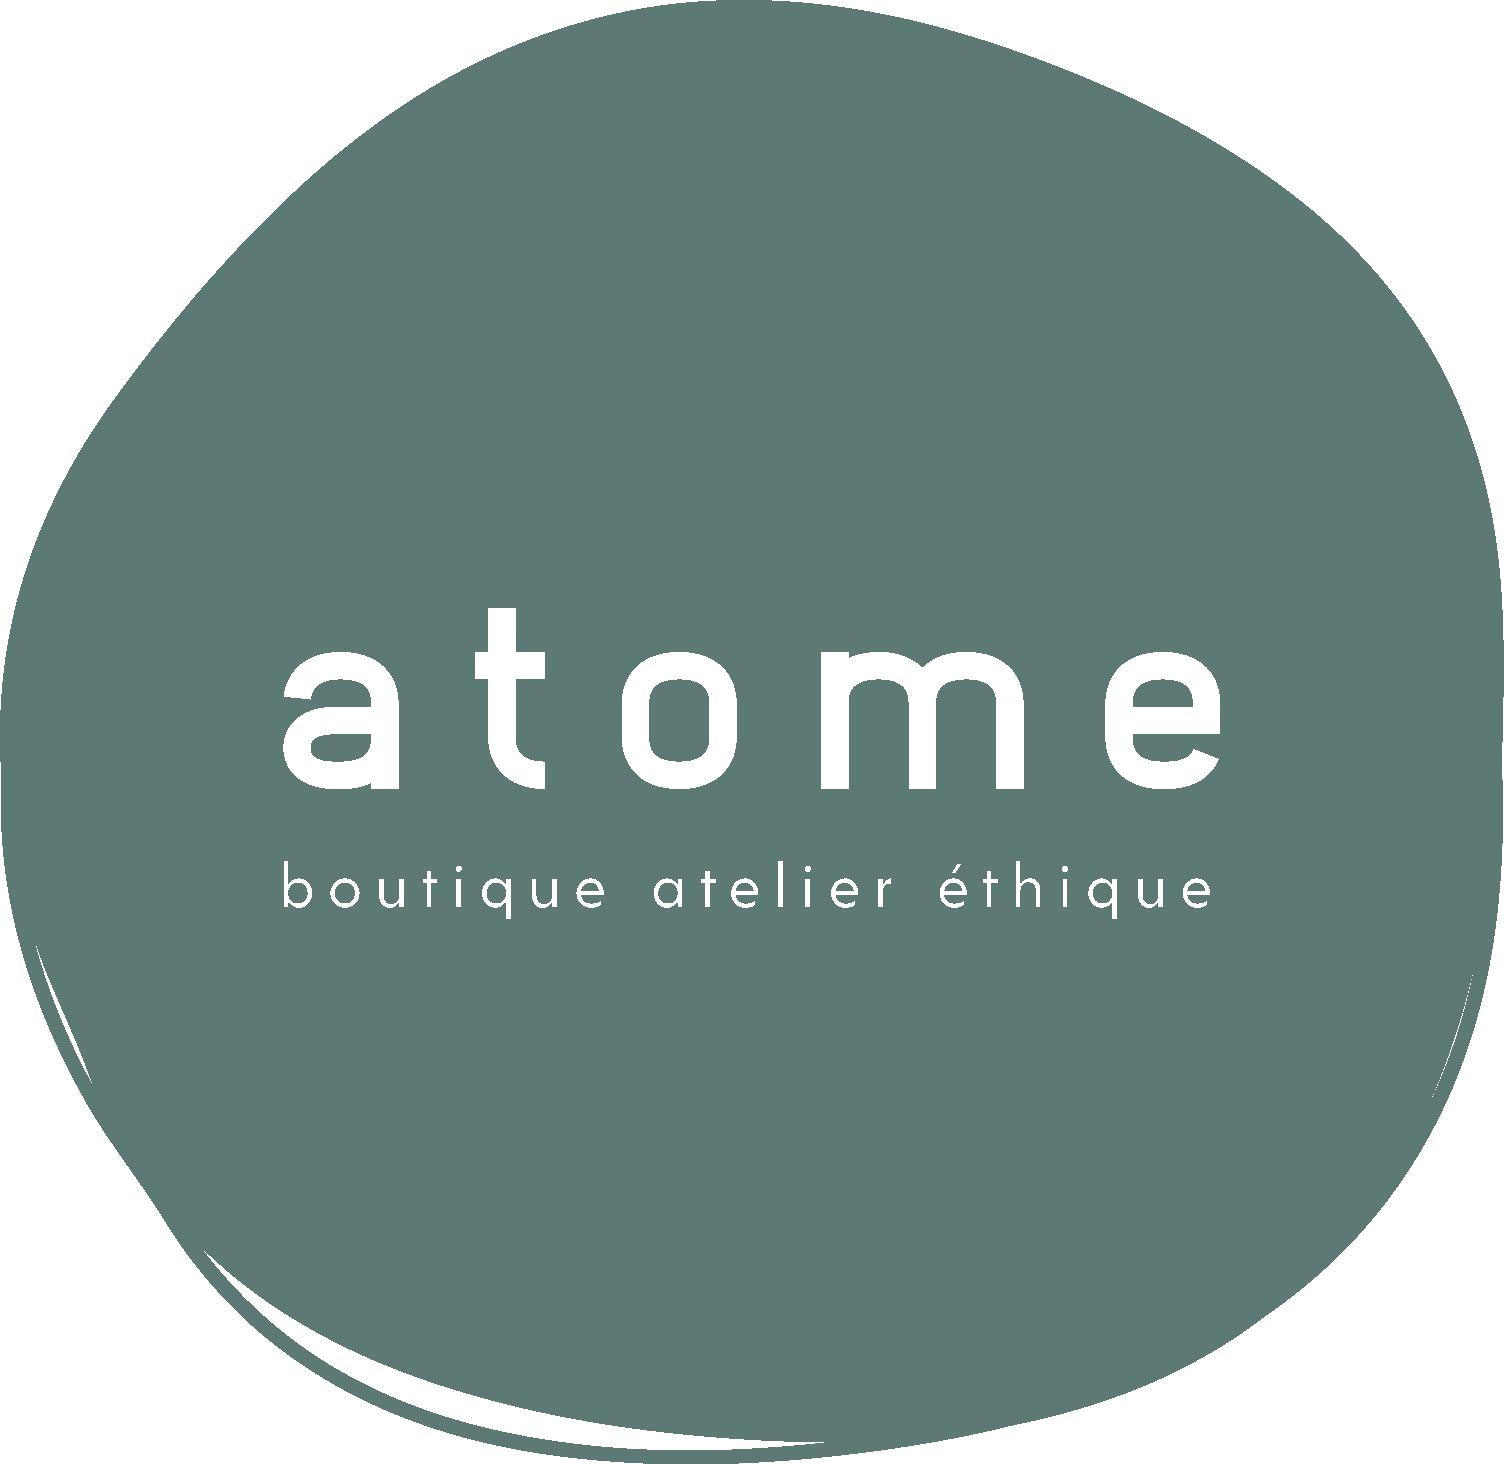 Atome Boutique Ath